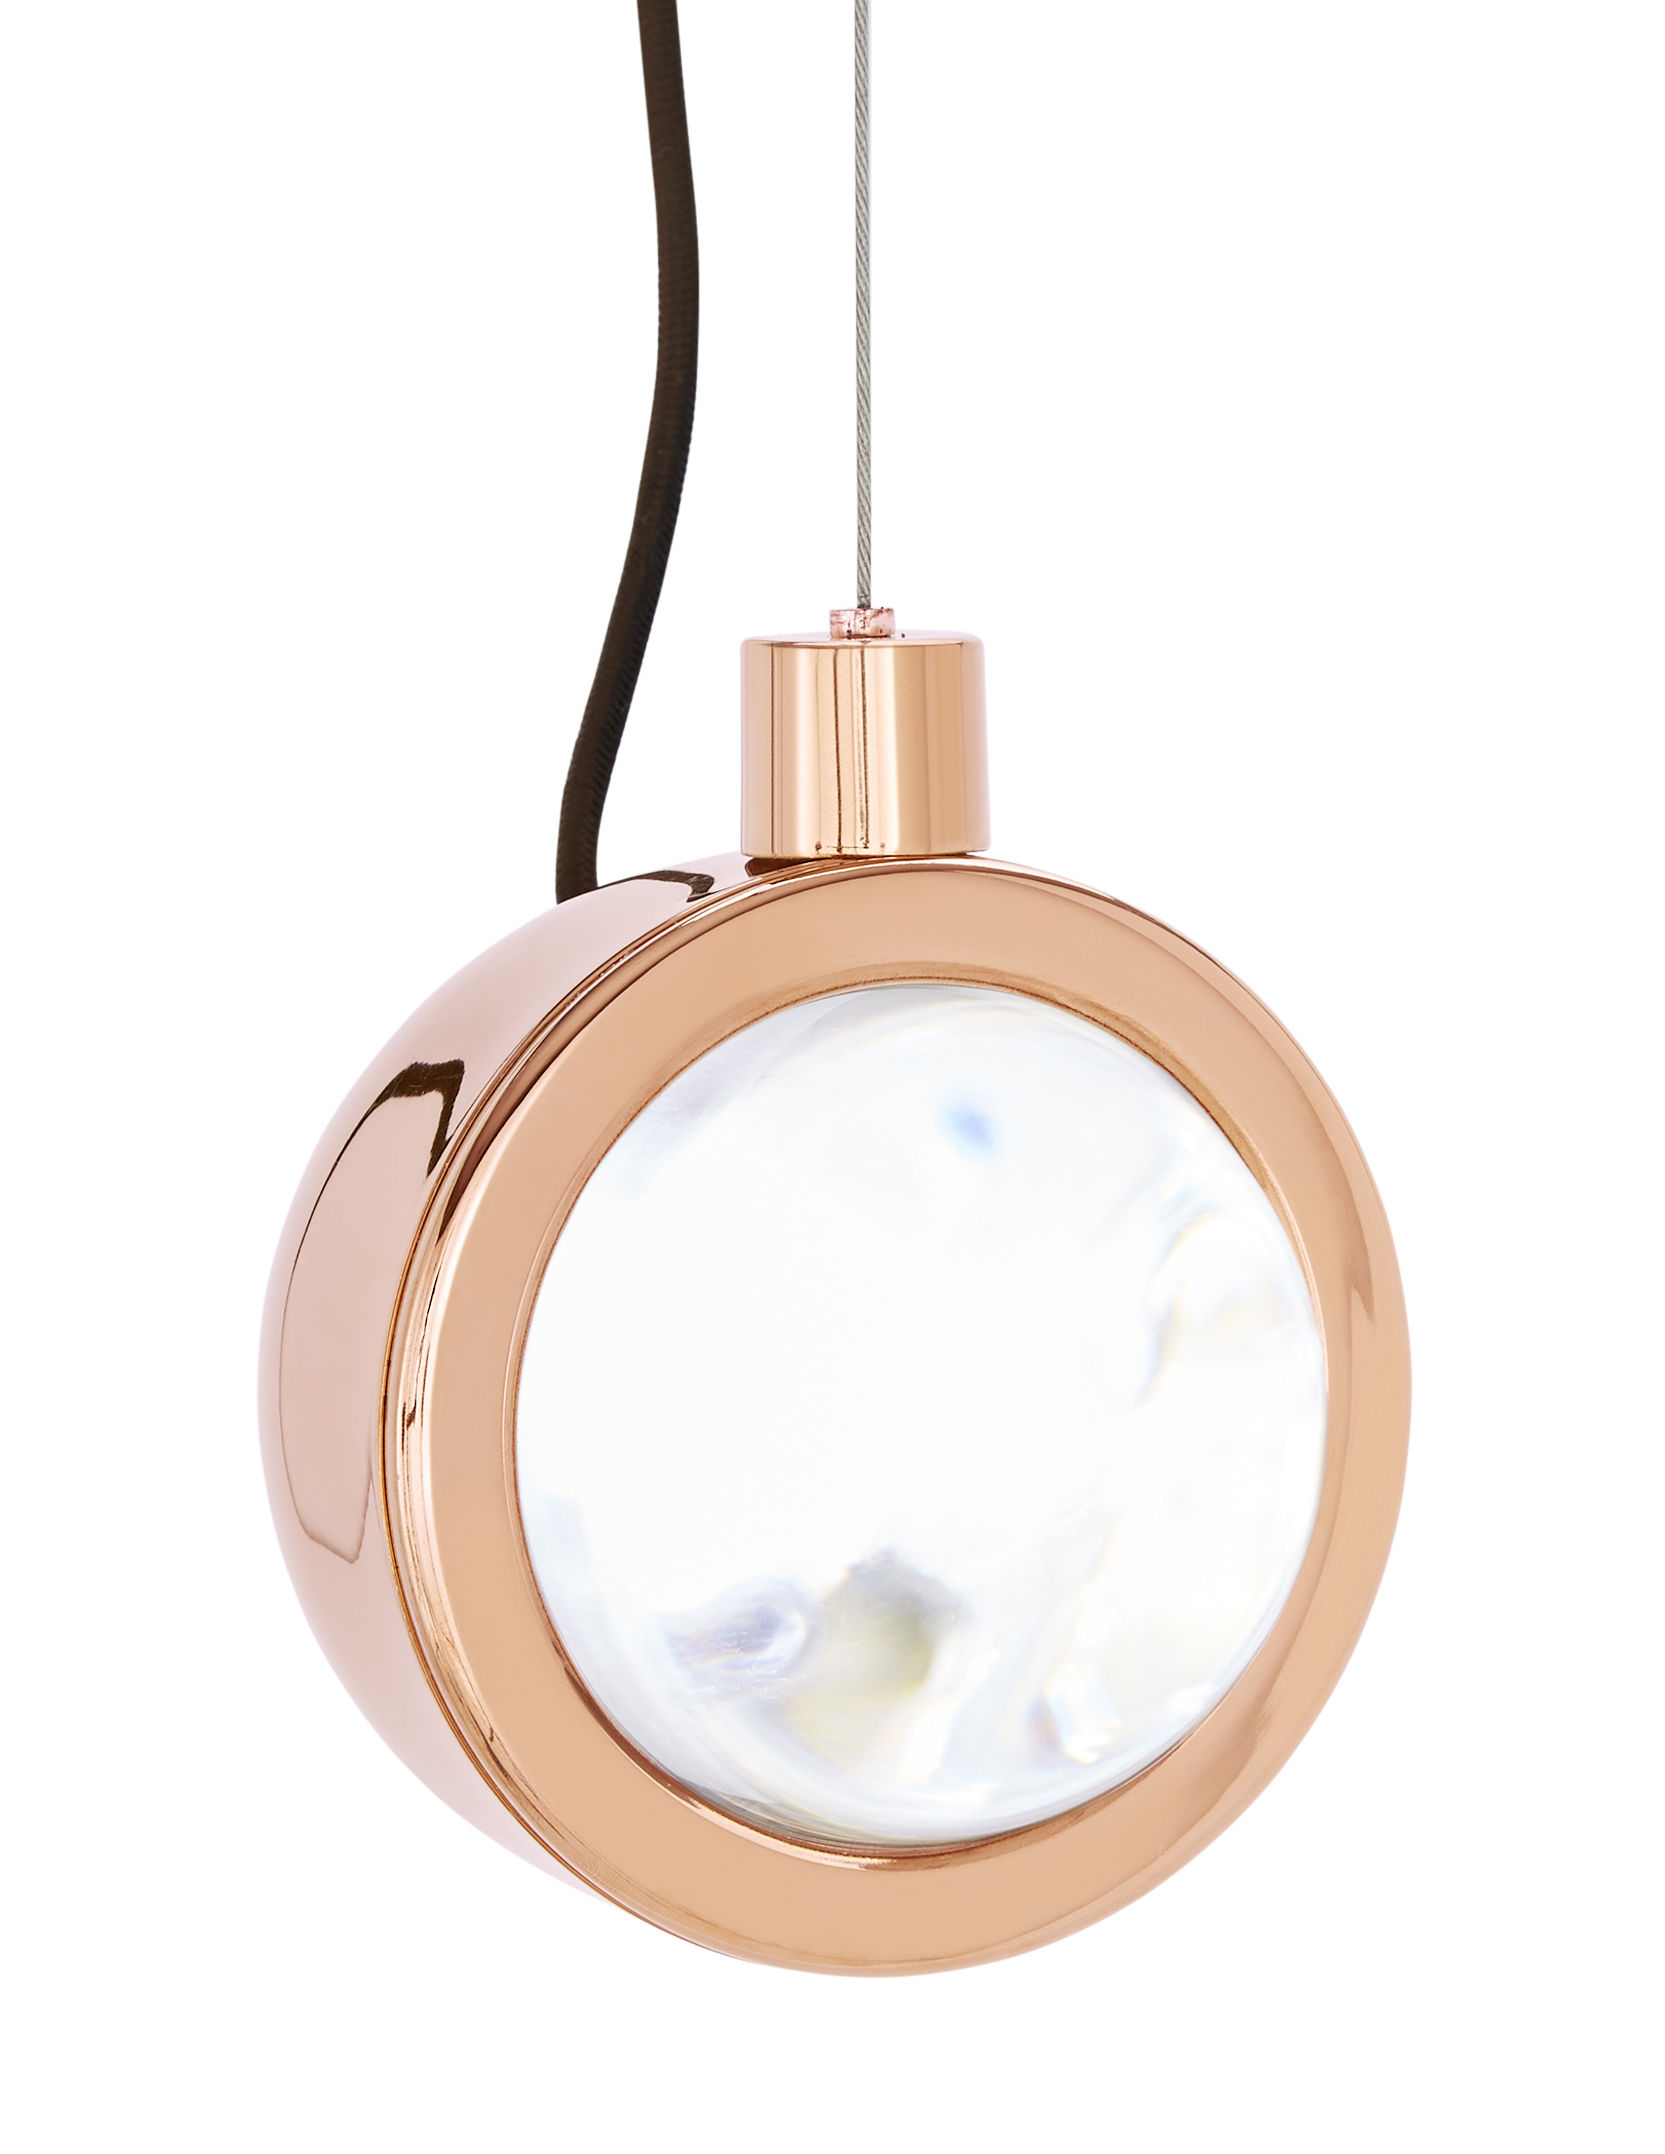 Luminaire - Suspensions - Suspension Spot LED / Orientable - Tom Dixon - Cuivre - Acier plaqué cuivre, Verre